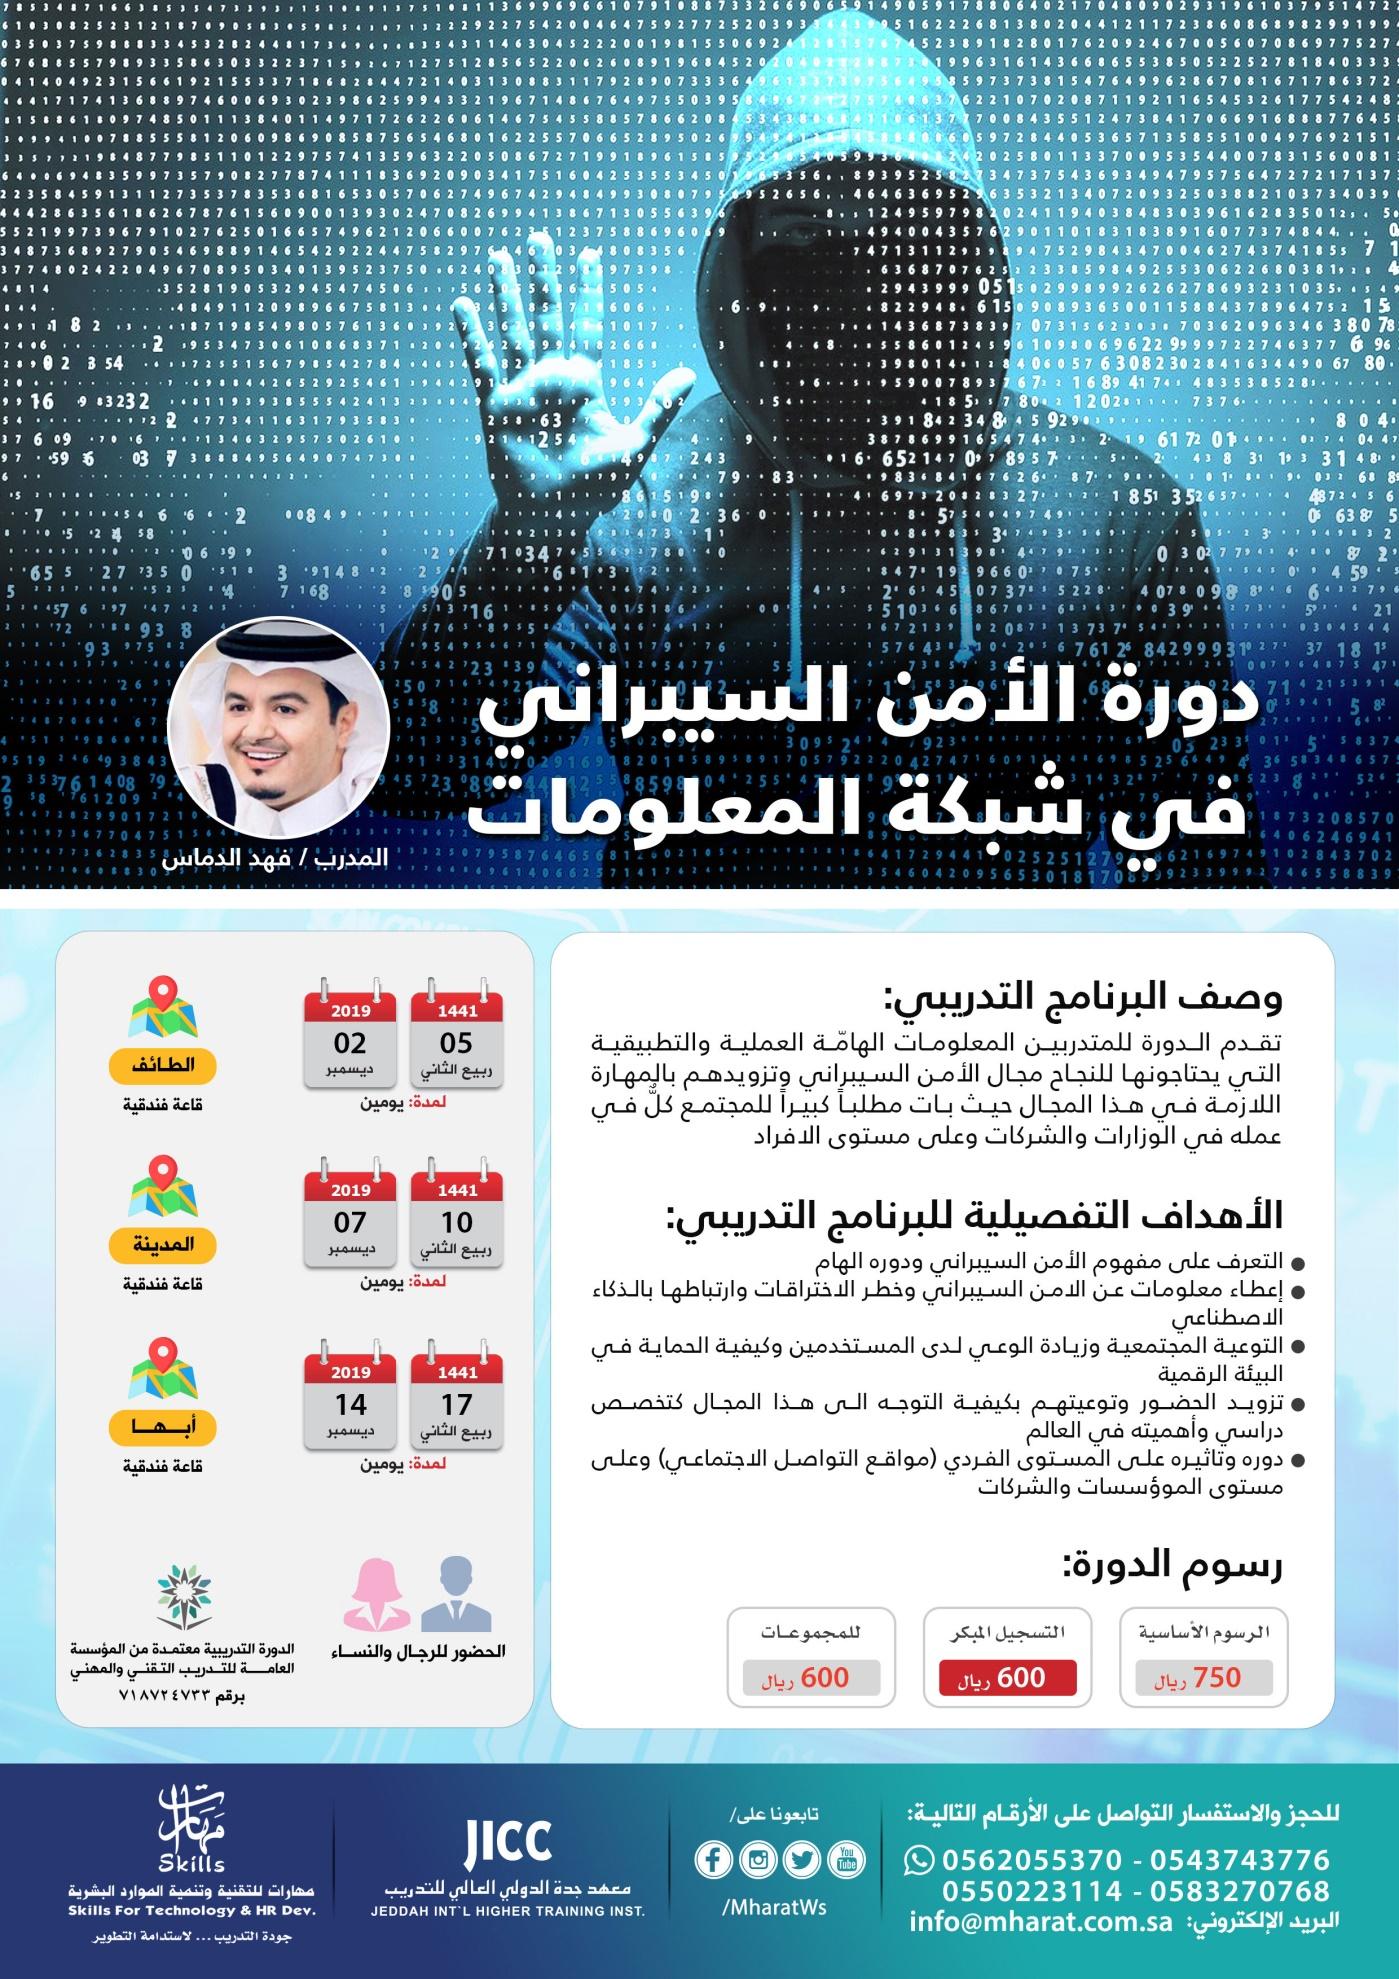 دورة الامن السيبراني في شبكة المعلومات للمدرب د.فهد الدماس